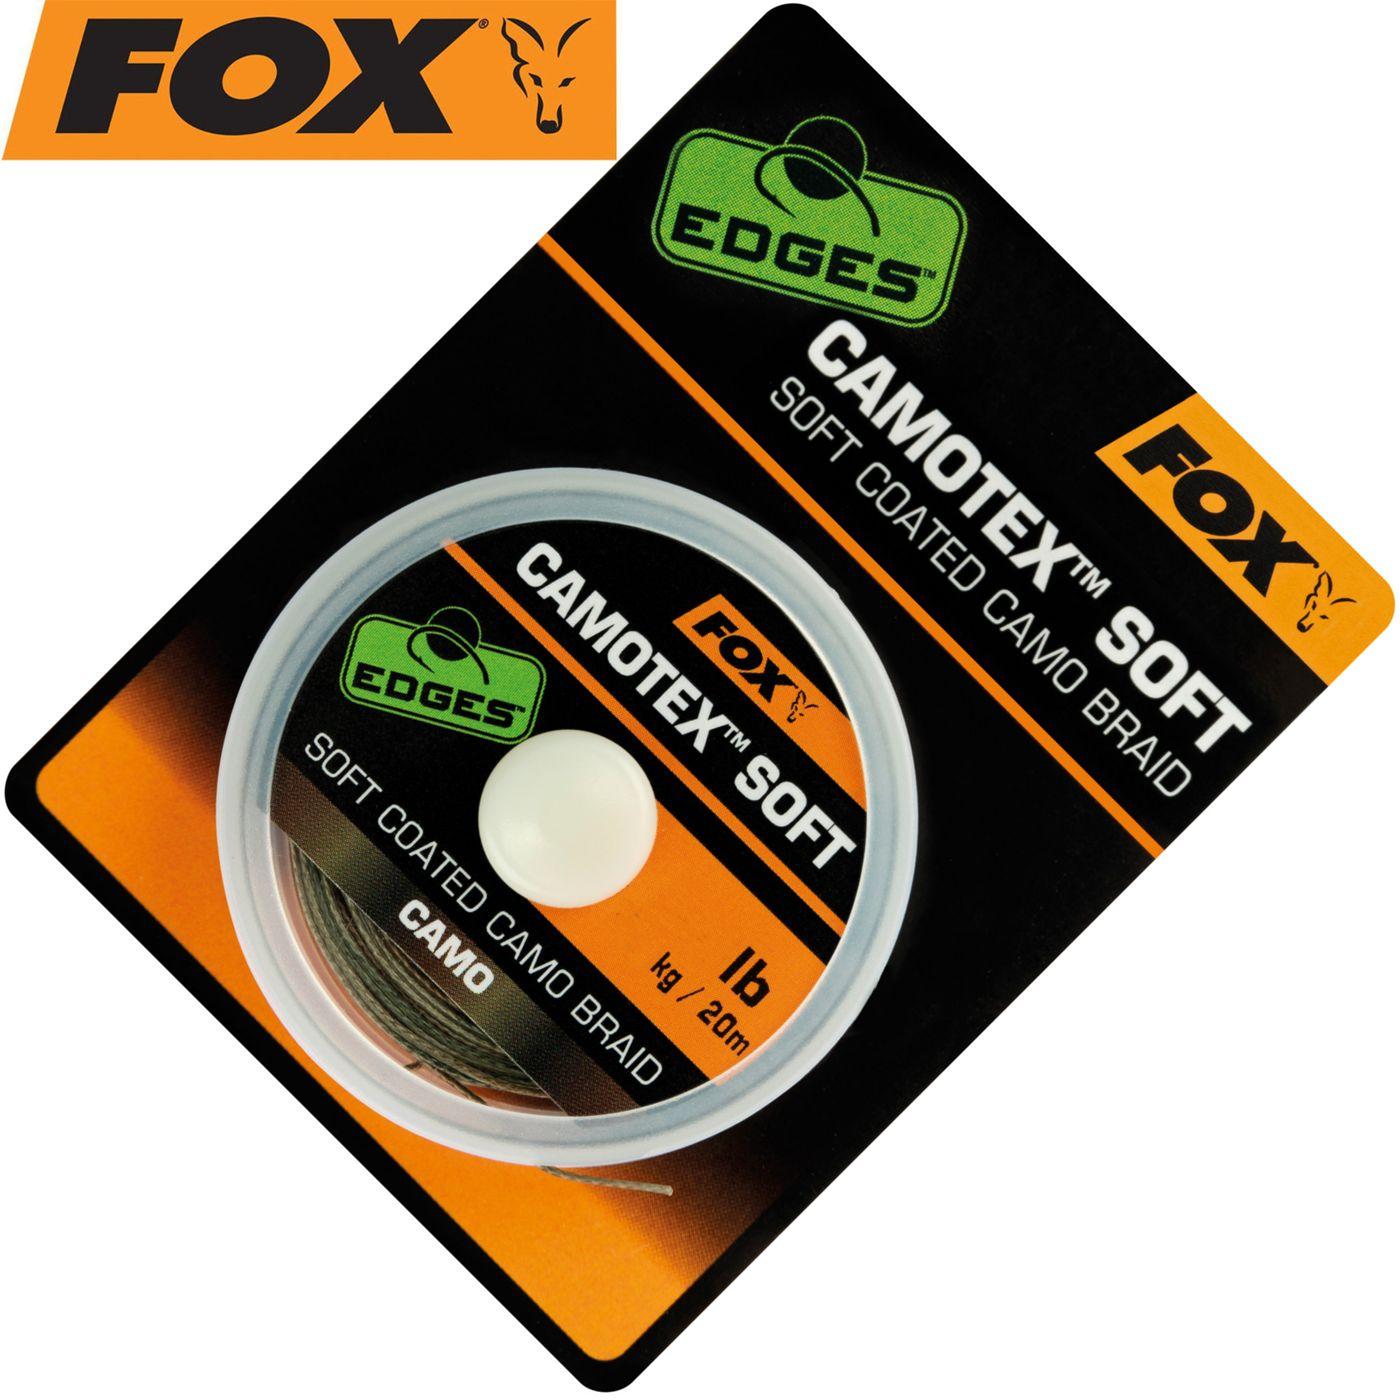 Fox Armadillo Karpfen Vorfachschnur Rig Braid 45lb Dark//Light Camo 20m 45lb